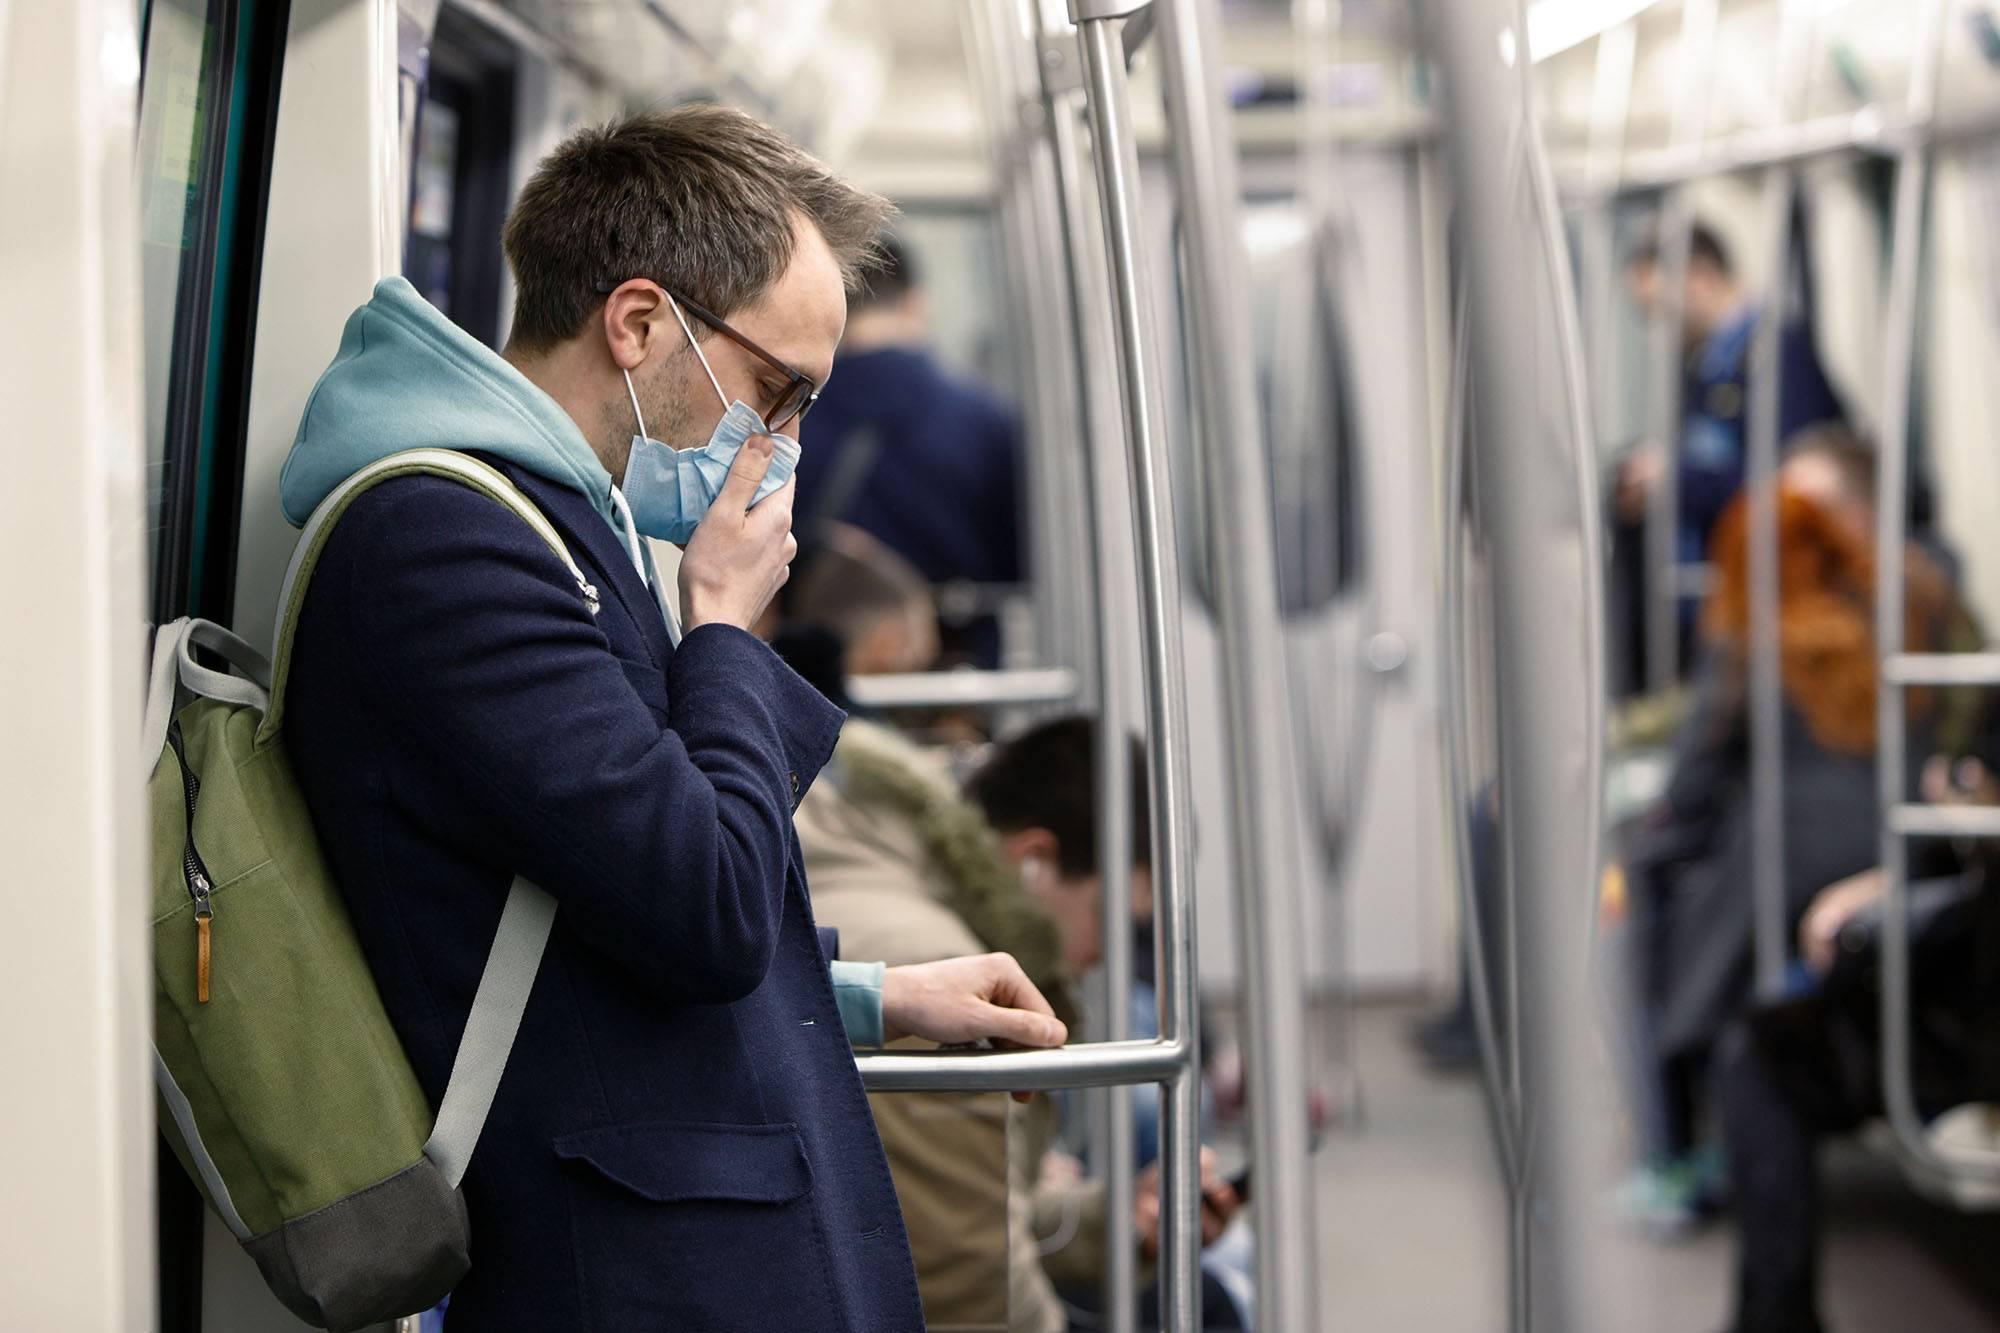 Coronavirus: video muestra cómo un estornudo puede contagiarte